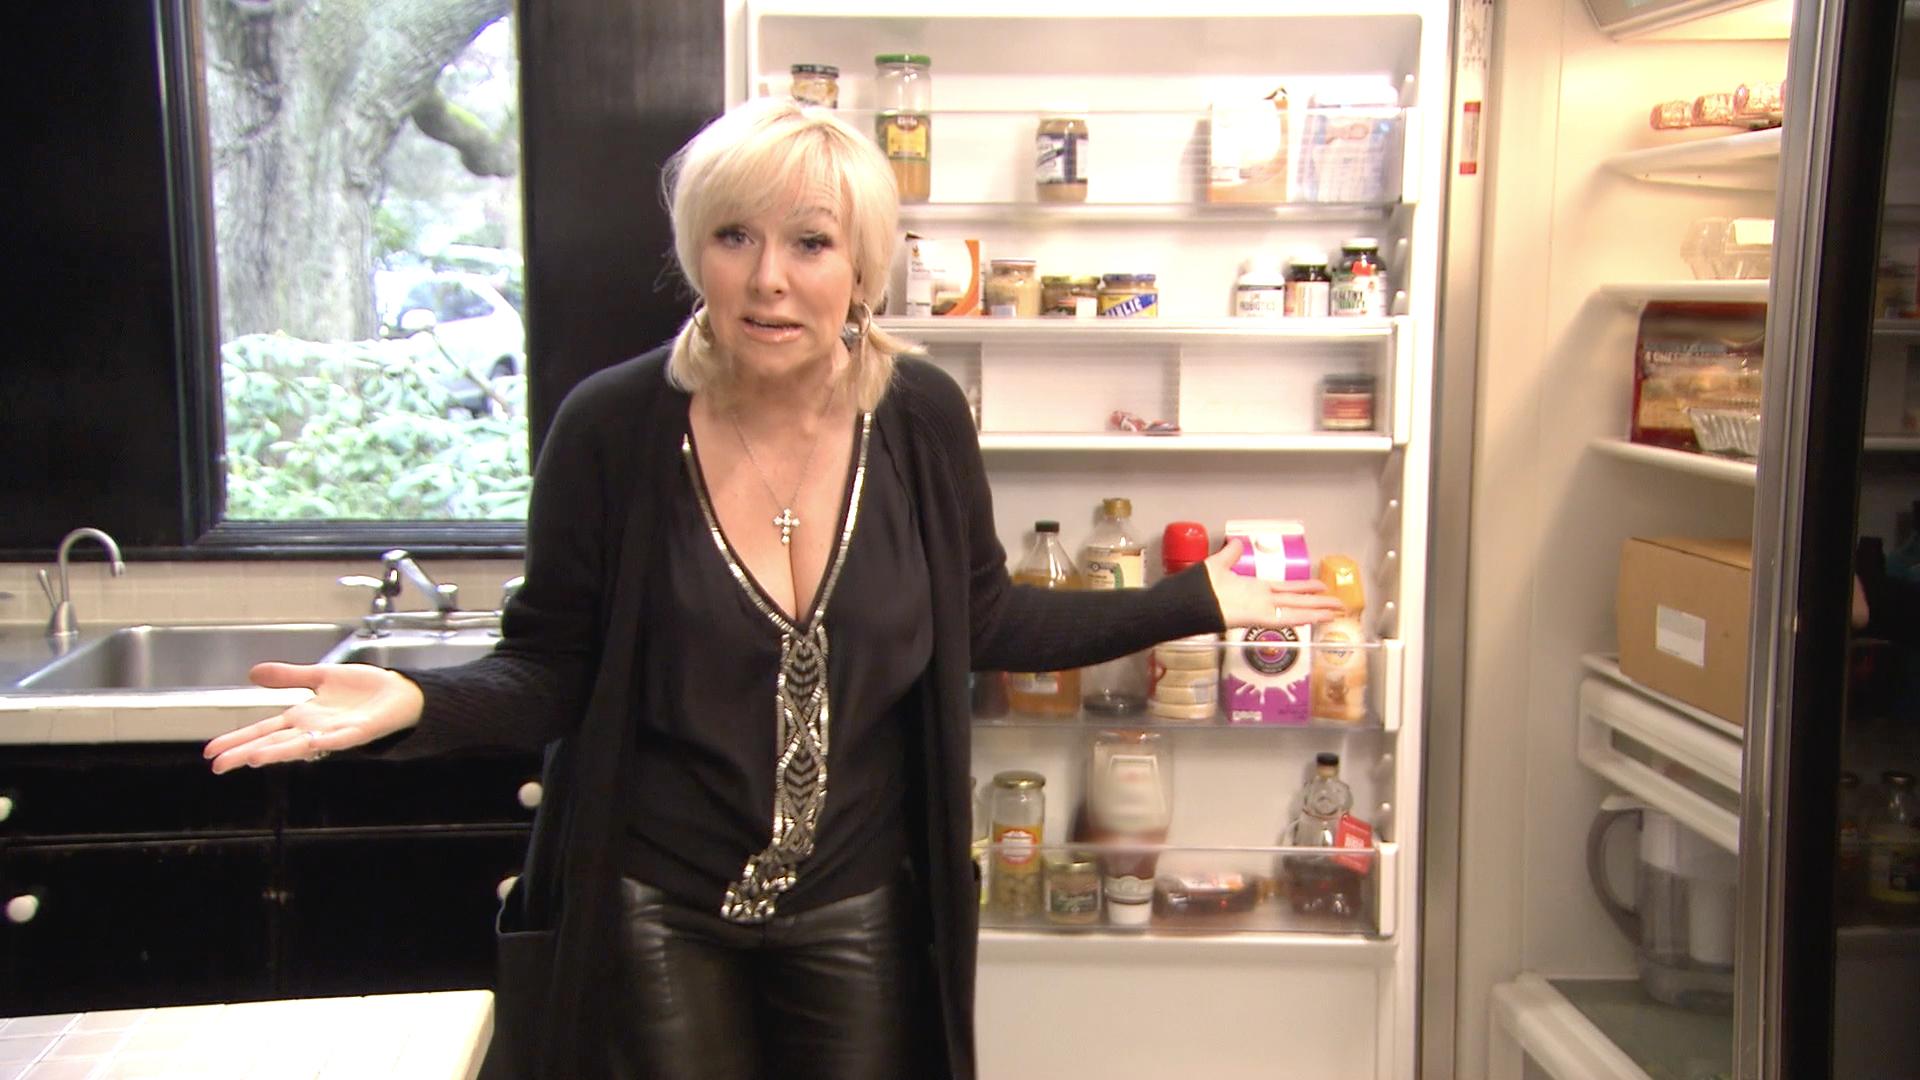 Margaret Josephs Shows Inside Fridge Video Tour Rhonj -4528